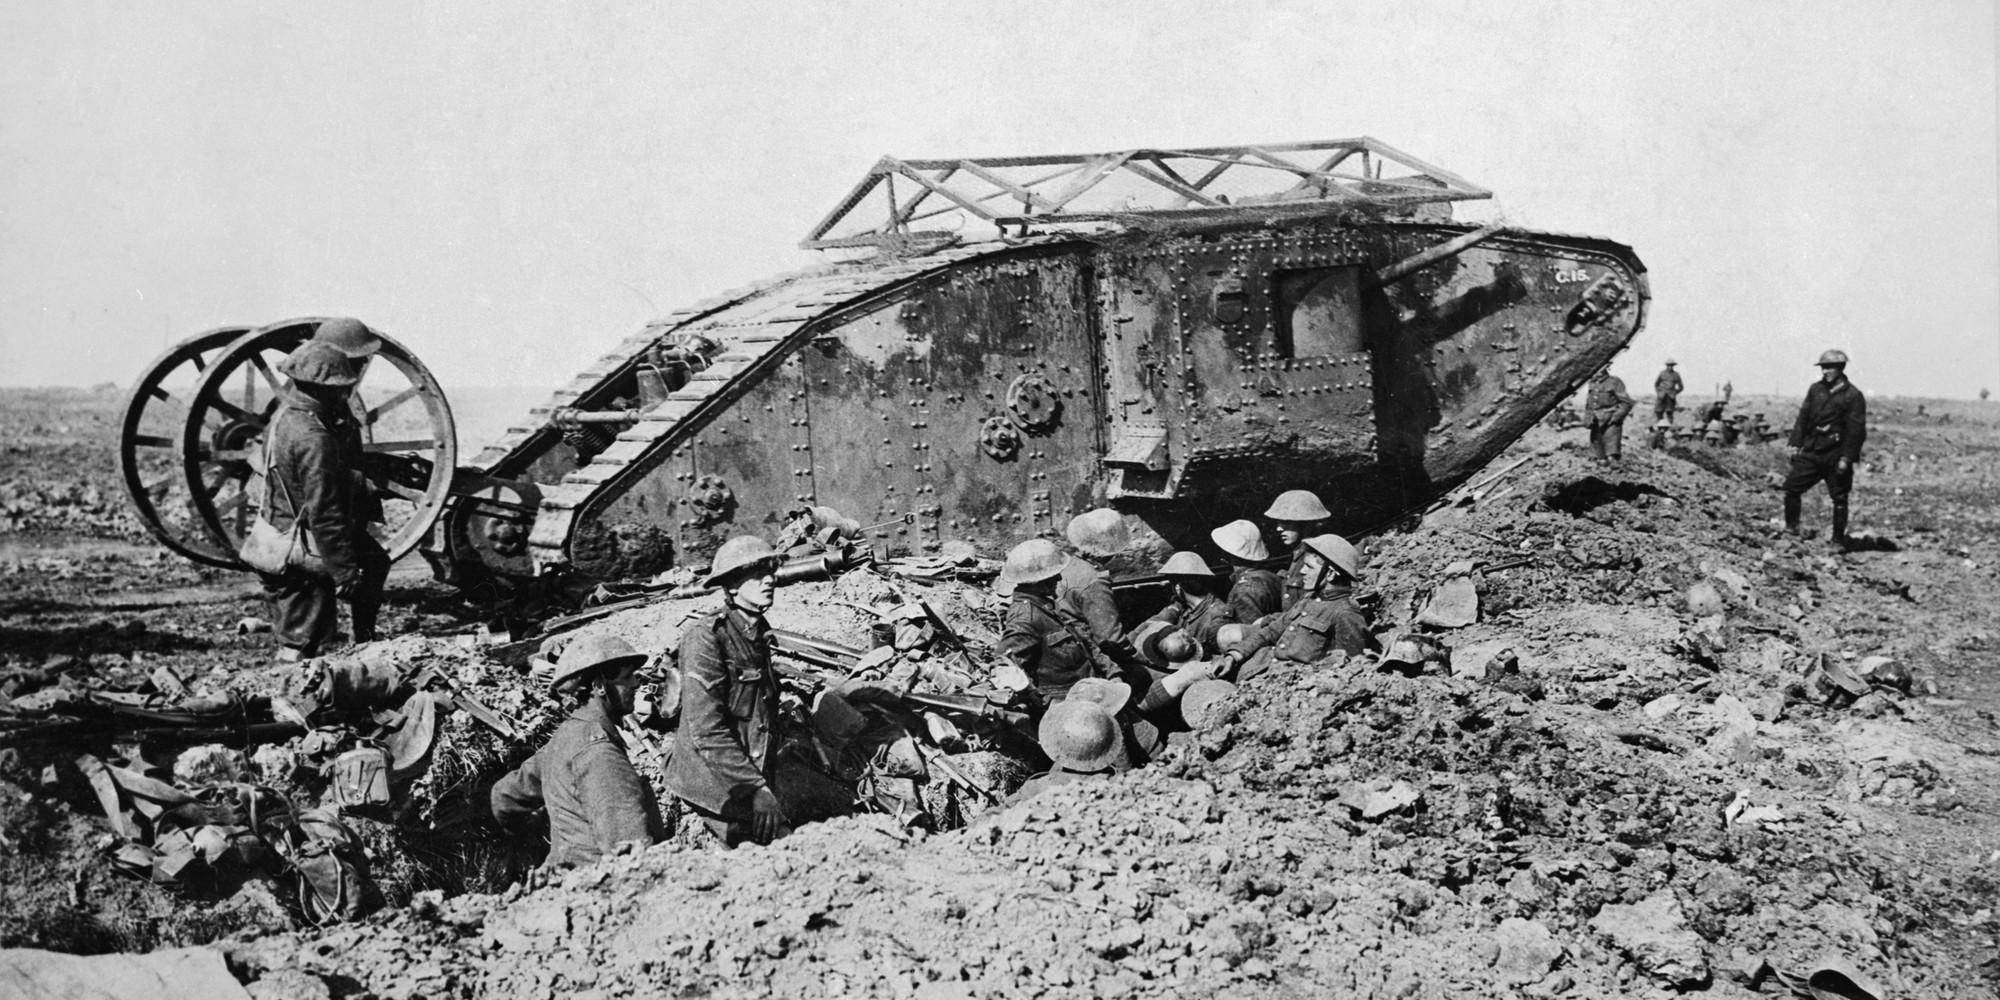 ソンムの戦いから100年 100万人が戦死した戦... ソンムの戦いから100年 100万人が戦